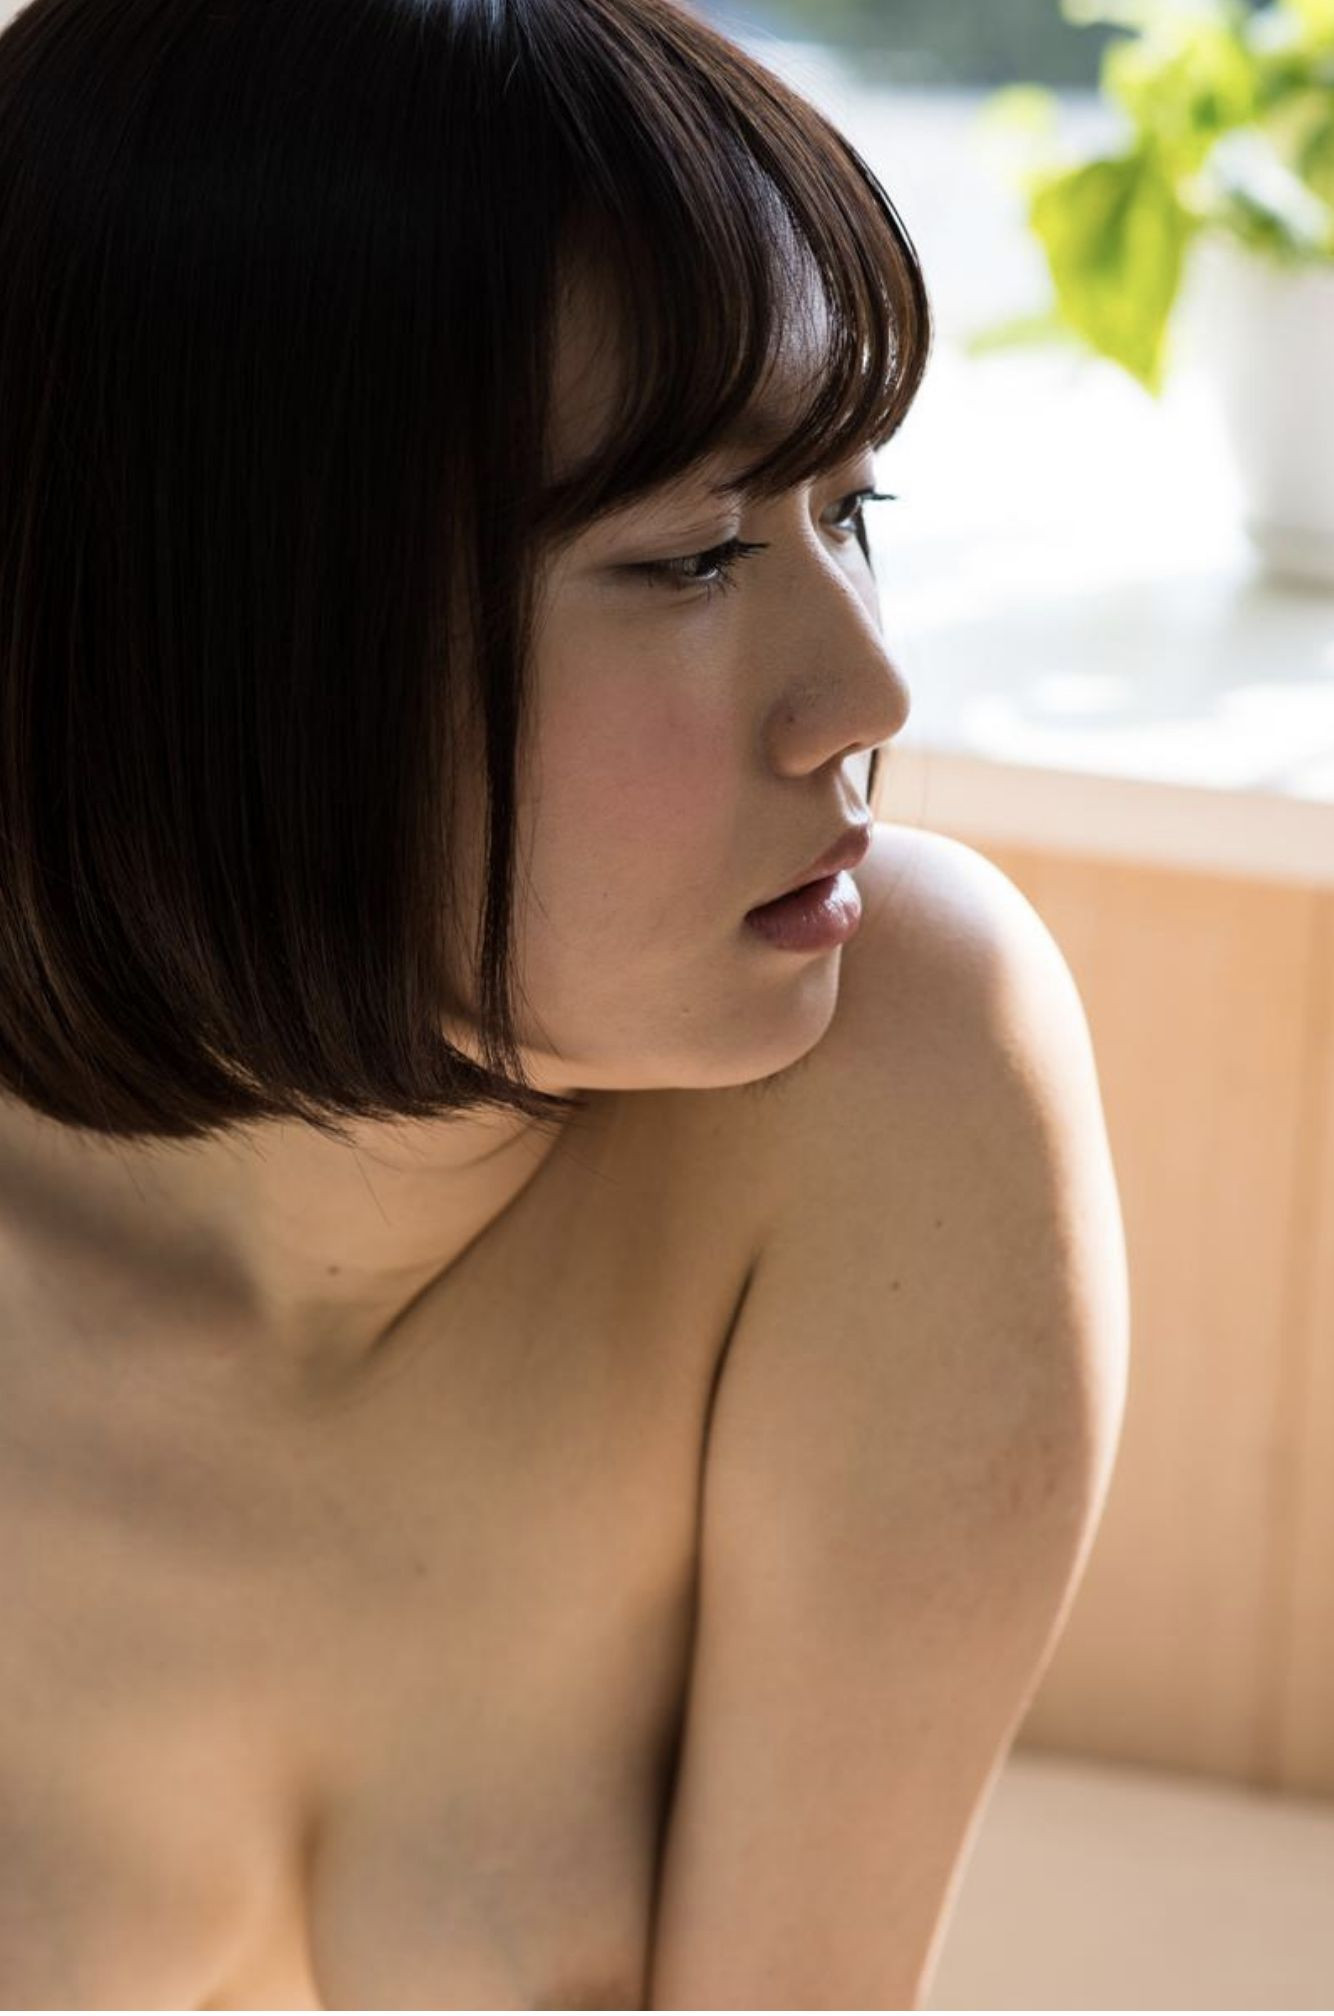 菊川みつ葉 写真集 Hetairai 109